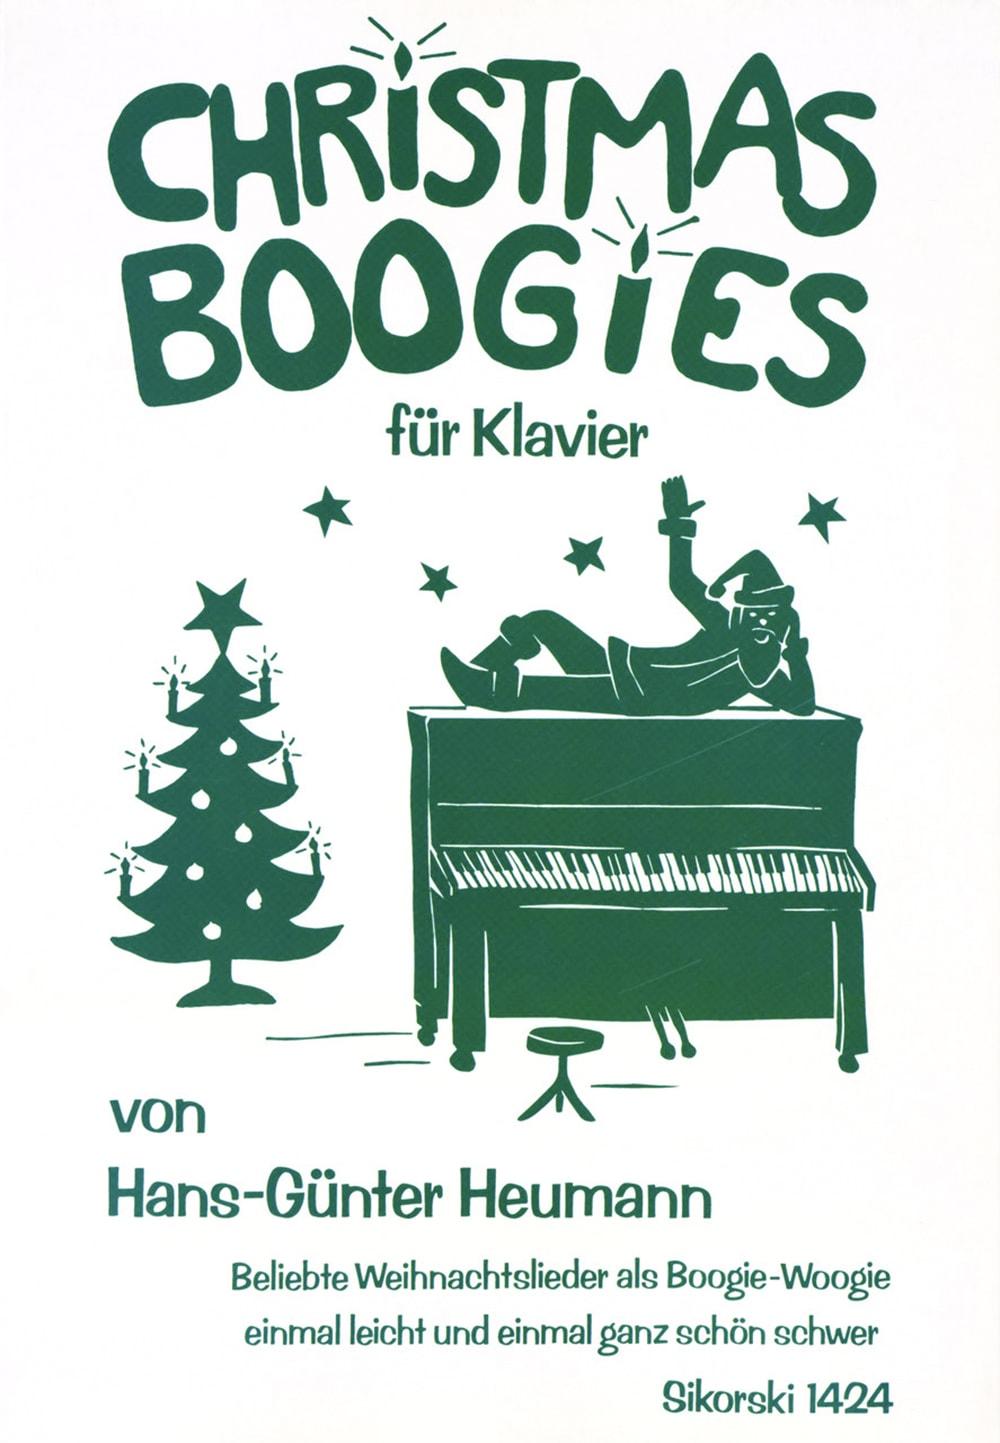 Christmas Boogies: Beliebte Weichnachtslieder als Boogie